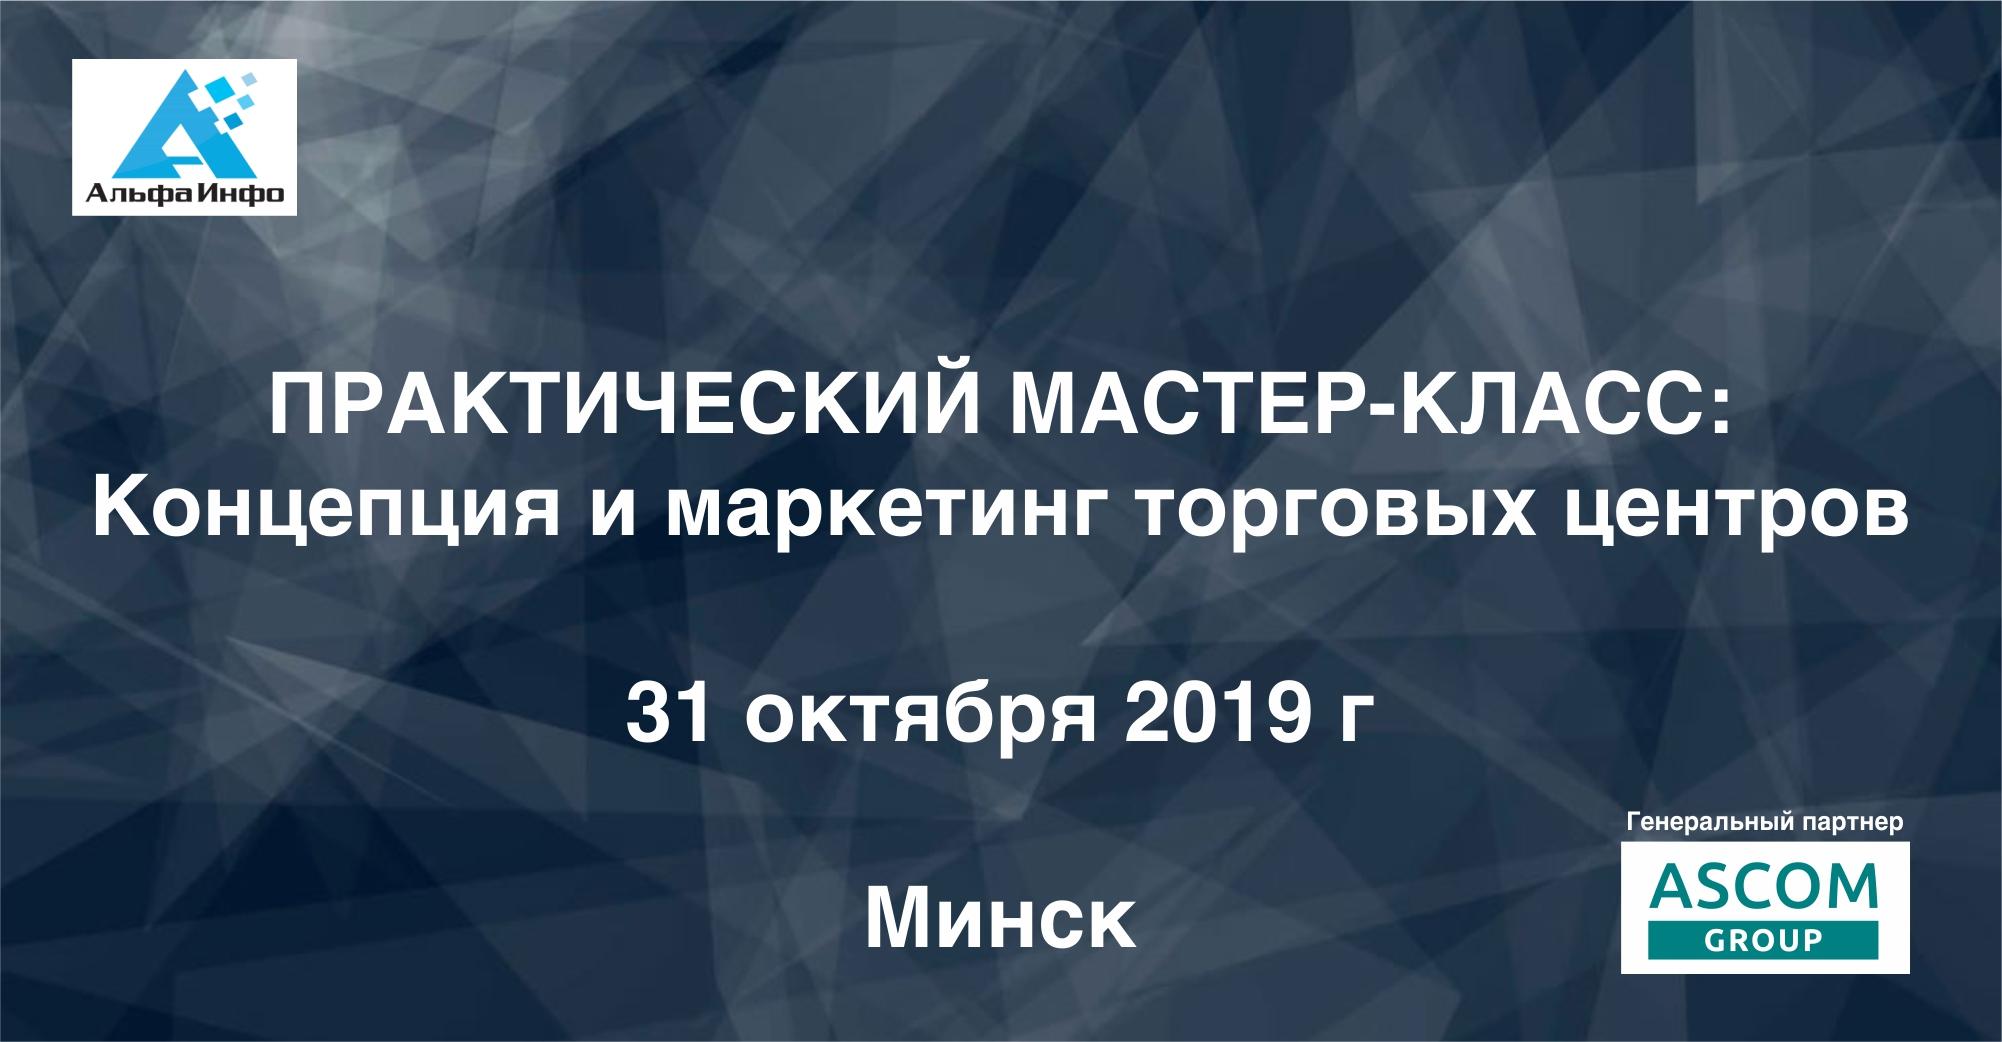 31 октября в Минске! Практический мастер-класс: Концепция и маркетинг торговых центров